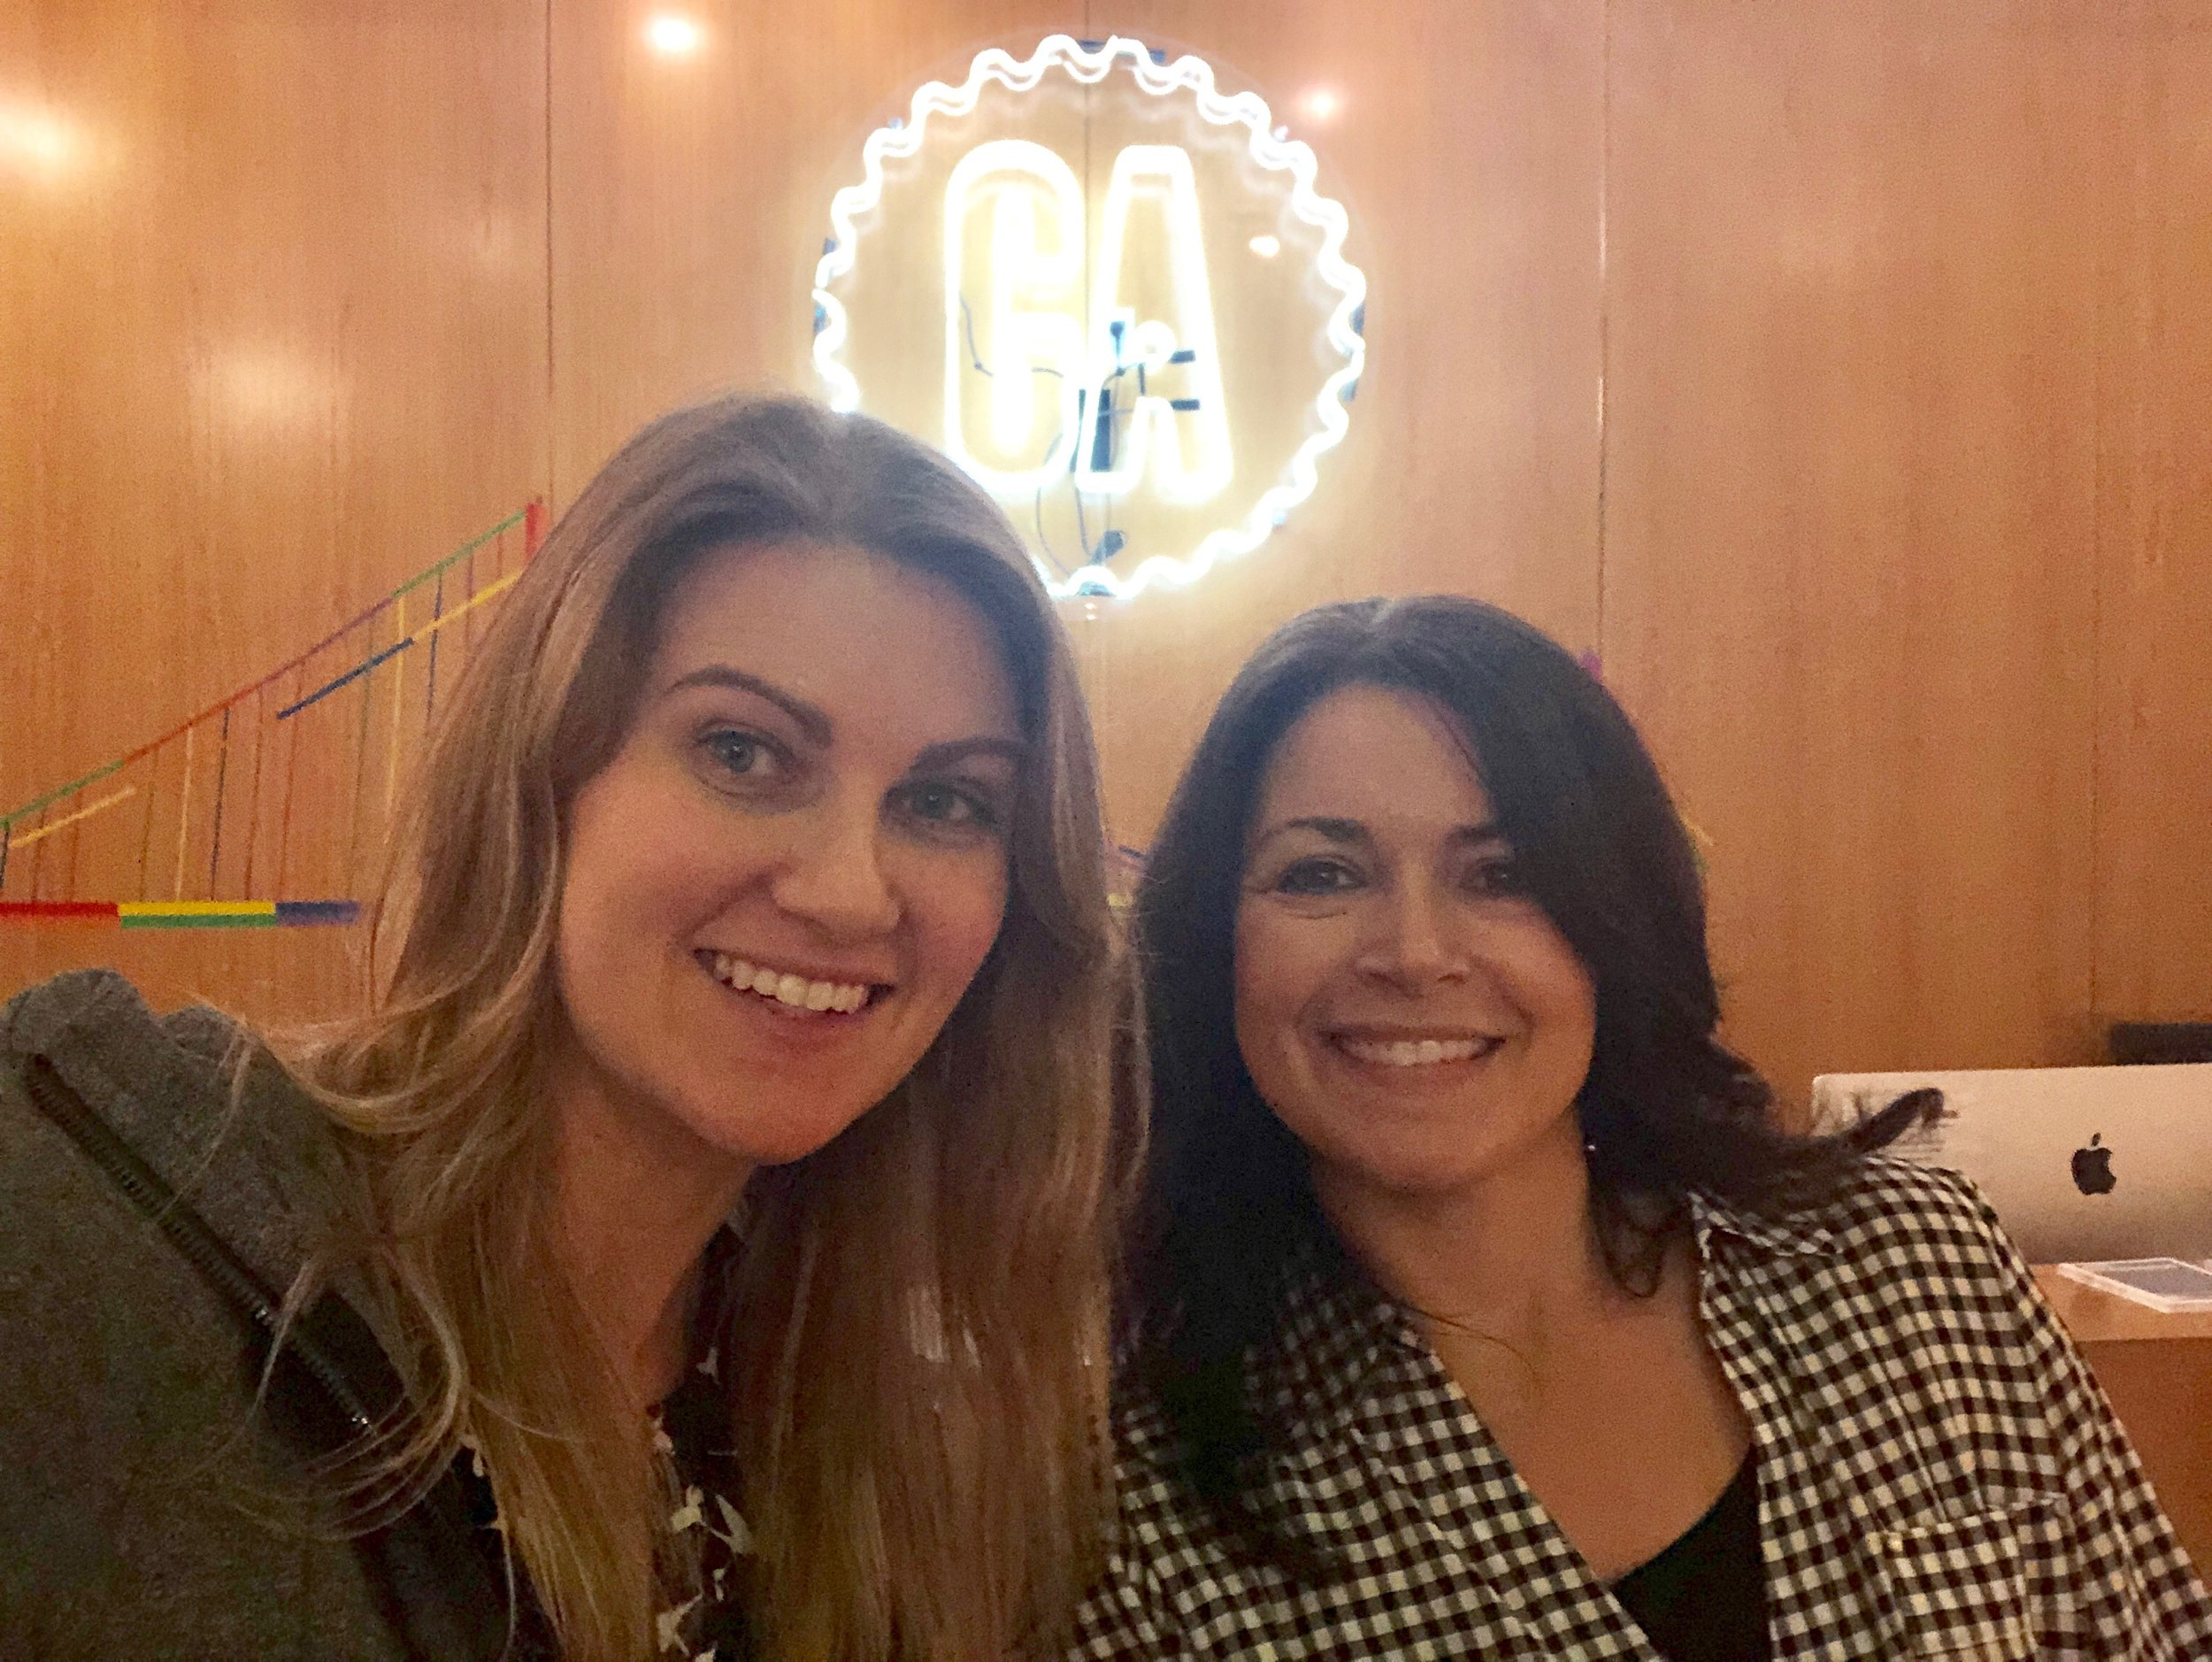 Sarah Buczek (me) and Natalie Stroven at General Assembly San Francisco 225 Bush St. San Francisco